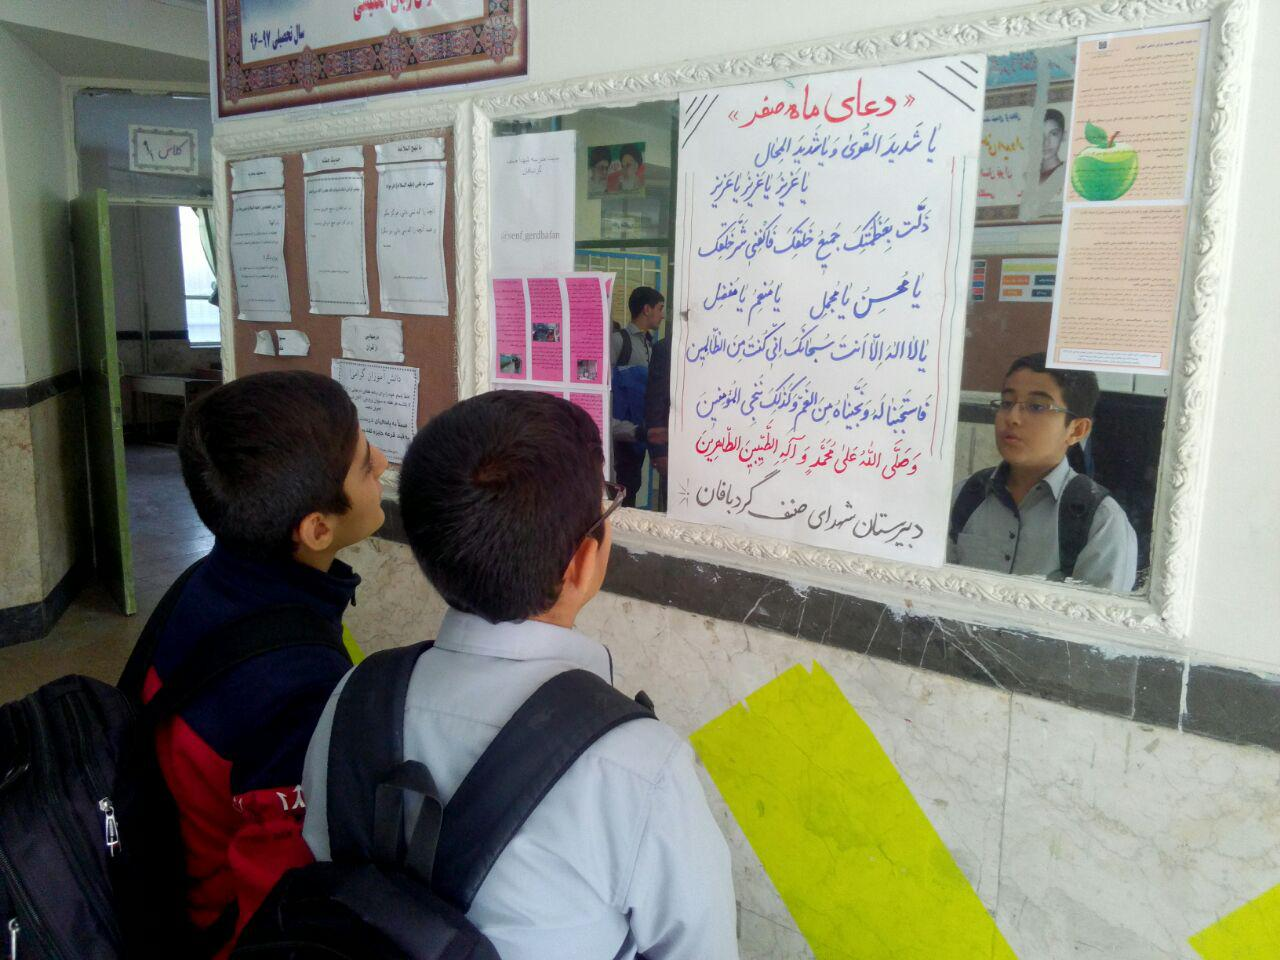 برگزاری مراسمات و مناسبت های مذهبی و ملی در دبیرستان شهدای صنف گردبافان (دعای ماه صفر)